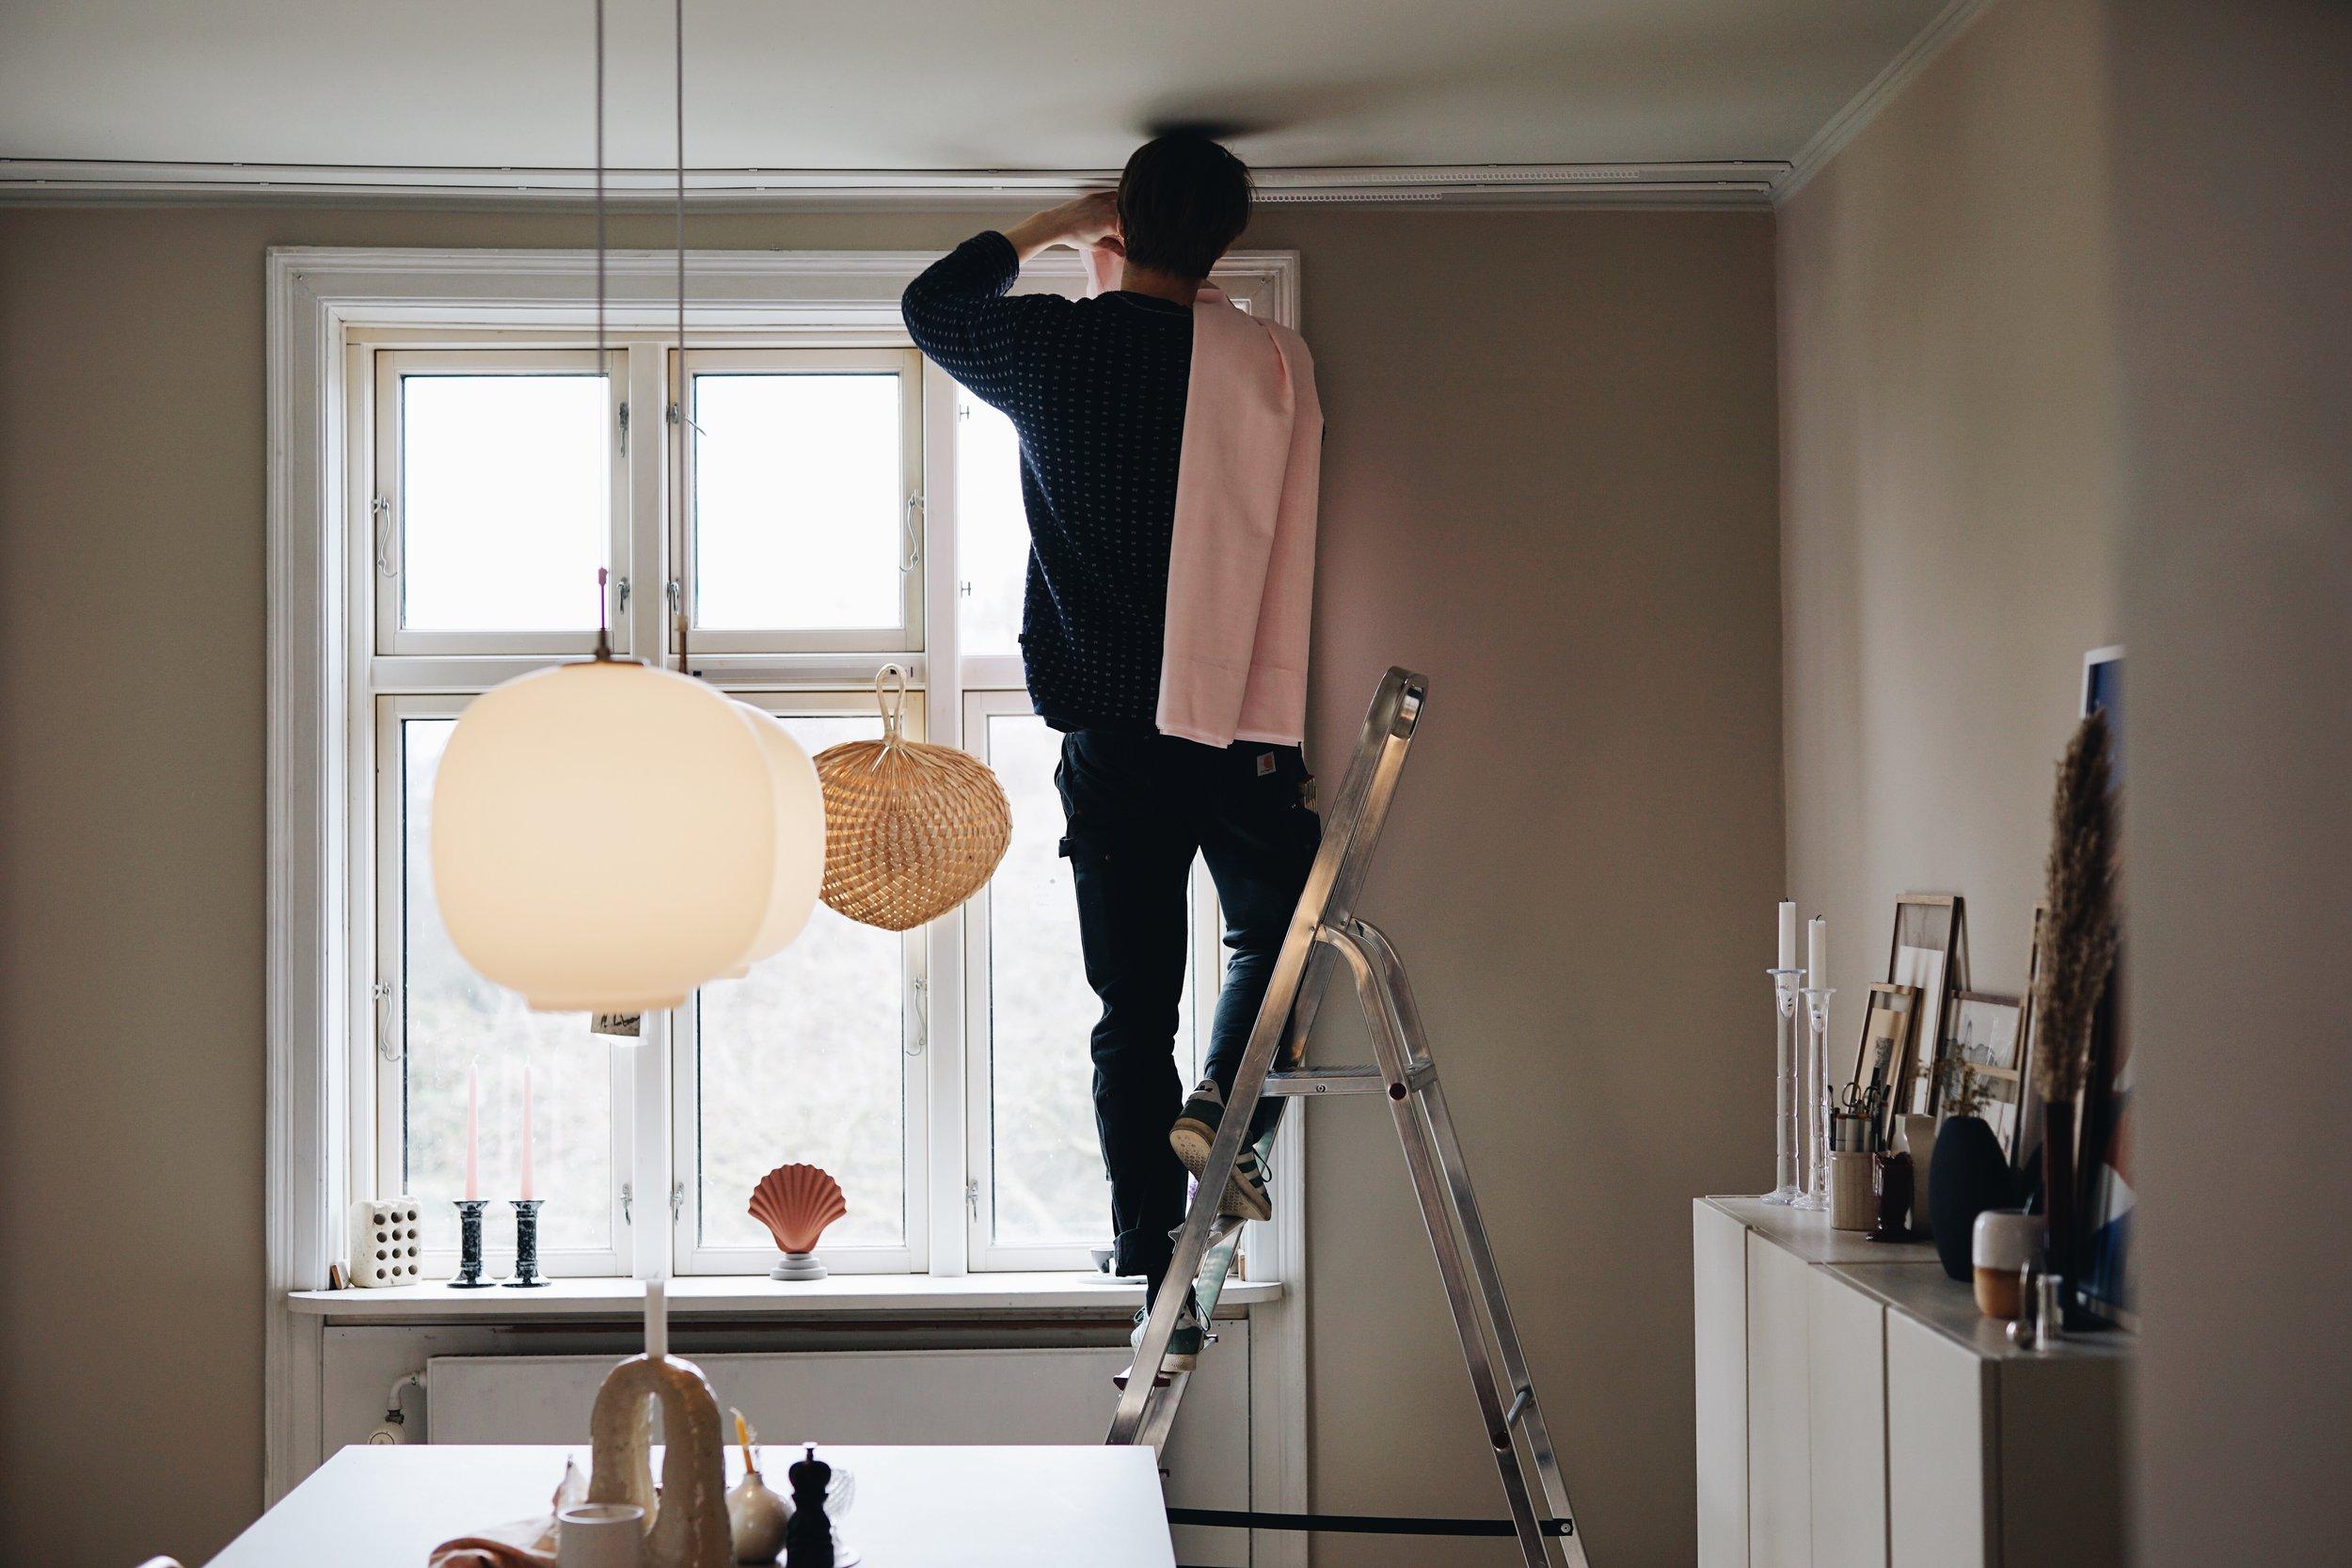 ASROSENVINGE_Arne Aksel_Curtains_Frederiksberg_Home-13.JPG